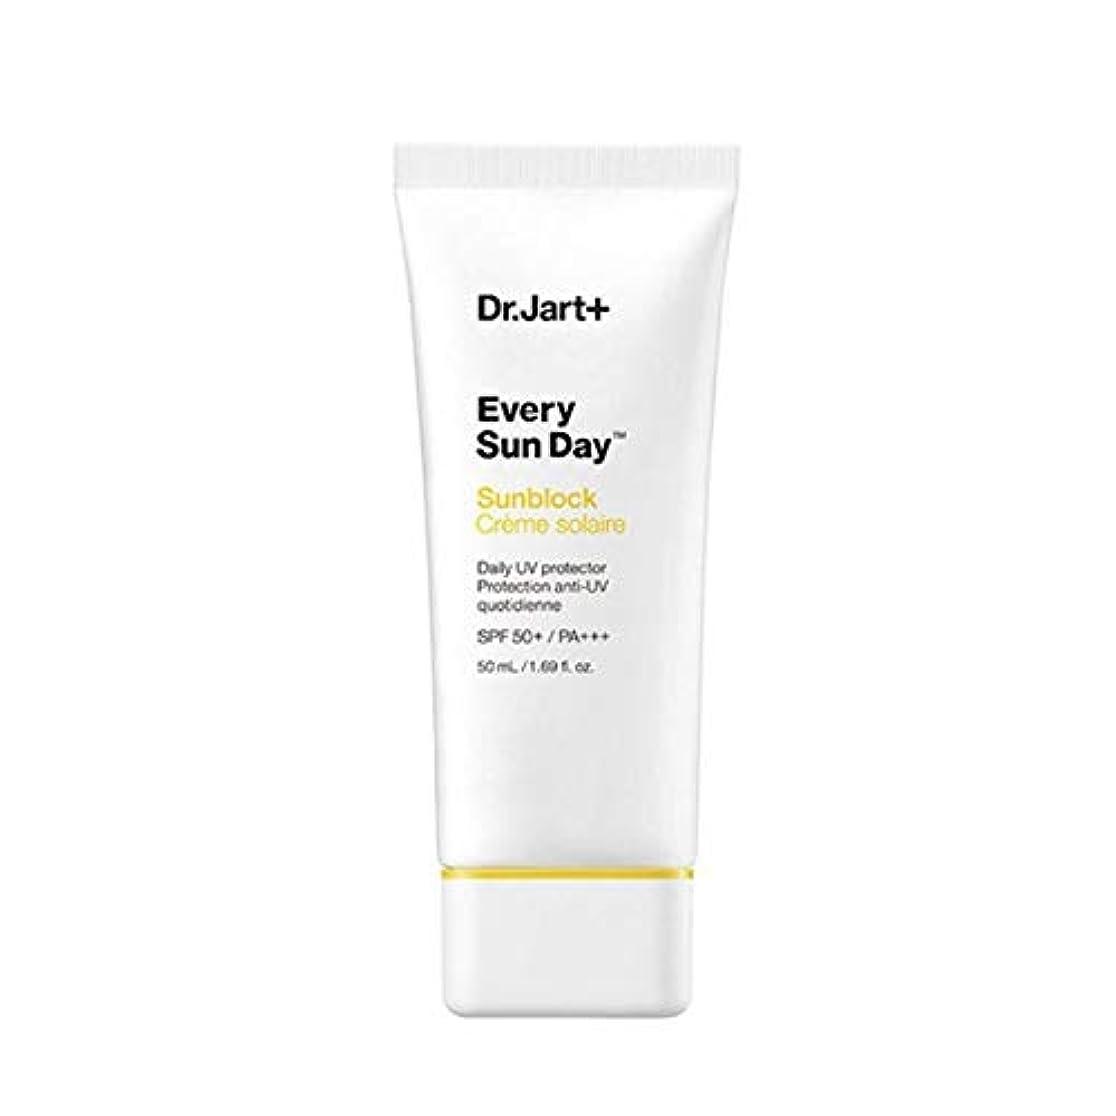 非常にプレミアム専門知識ドクタージャルトゥエブリサンデーサンブロック50mlサンクリーム韓国コスメ、Dr.Jart Every Sun Day Sun Block 50ml Sun Cream Korean Cosmetics [並行輸入品]